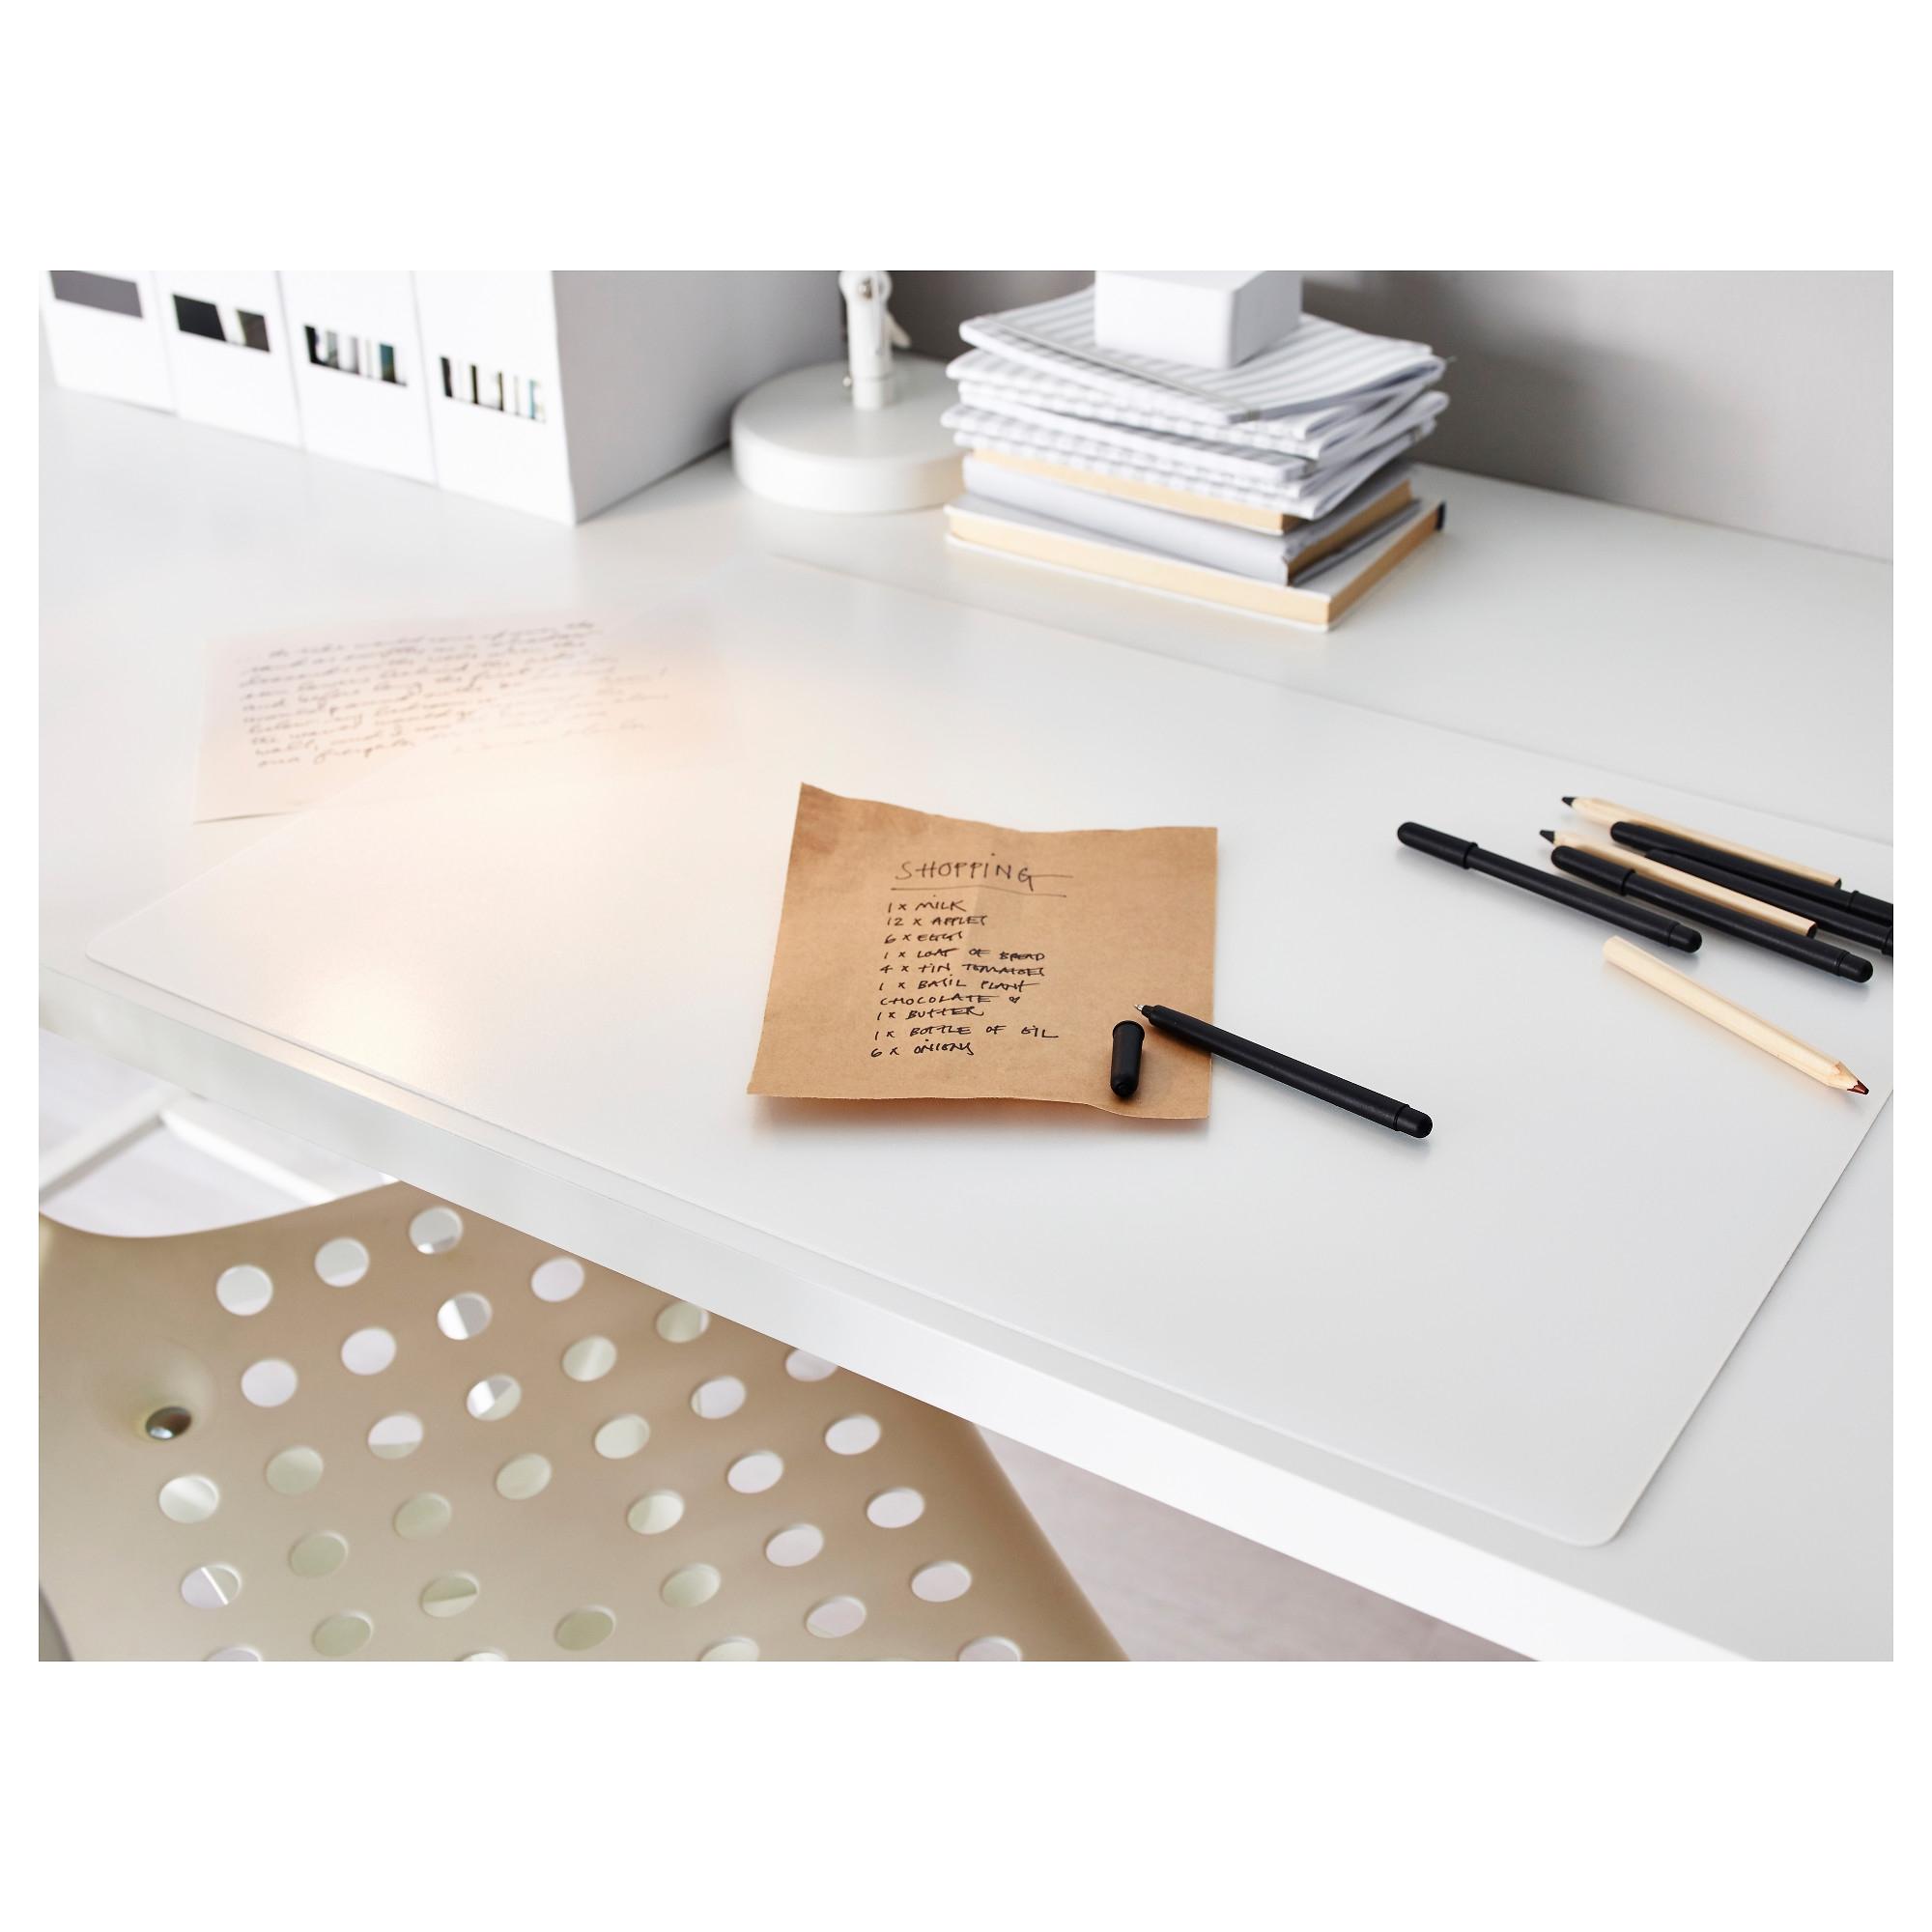 Pr js protector de escritorio - Protector escritorio ikea ...